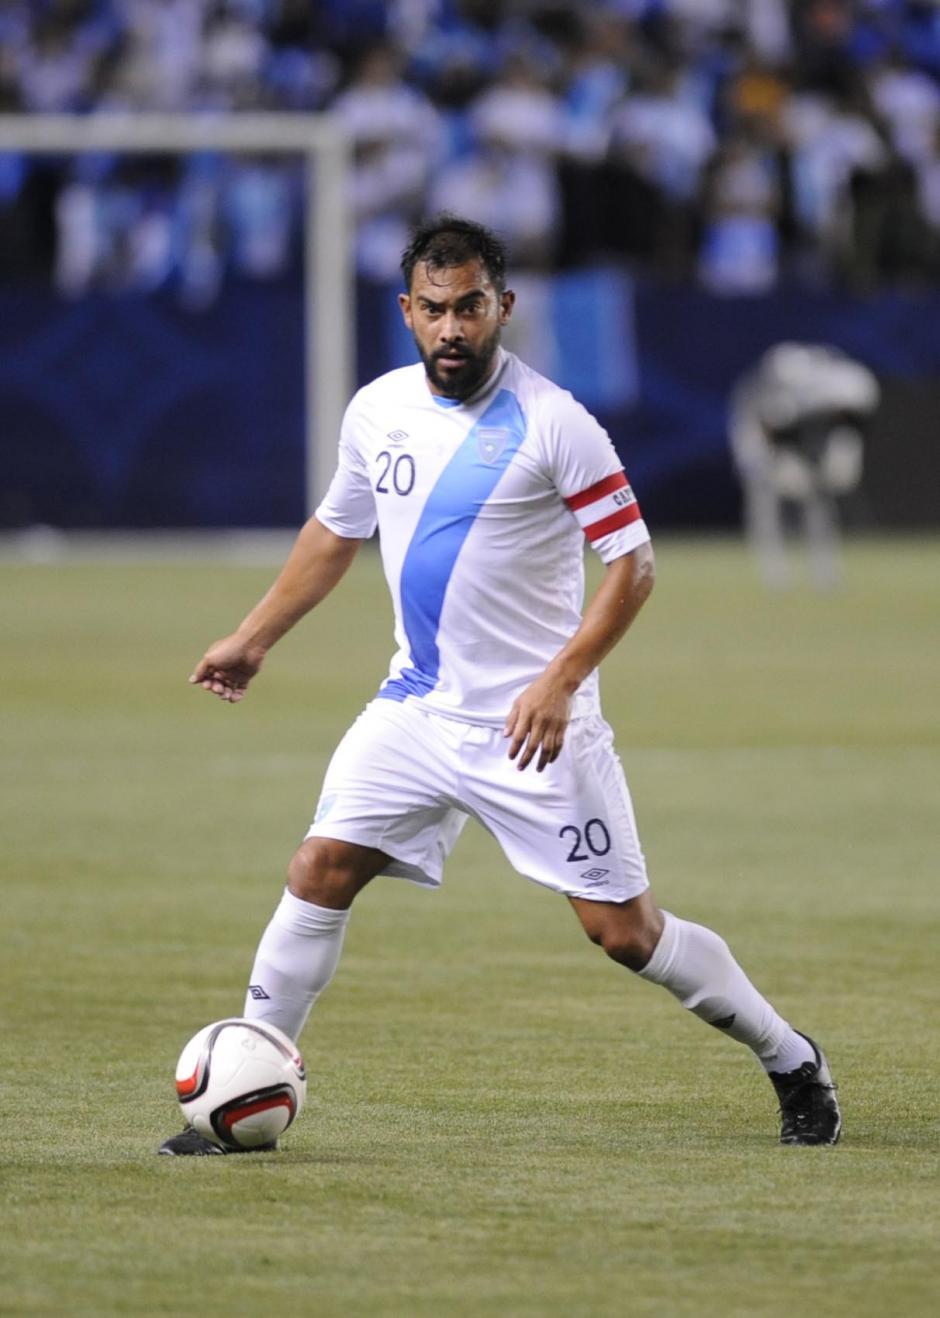 El capitán no pudo evitar que la Selección lograra un resultado positivo contra Armenia. (Foto: Álvaro Yool/Nuestro Diario)